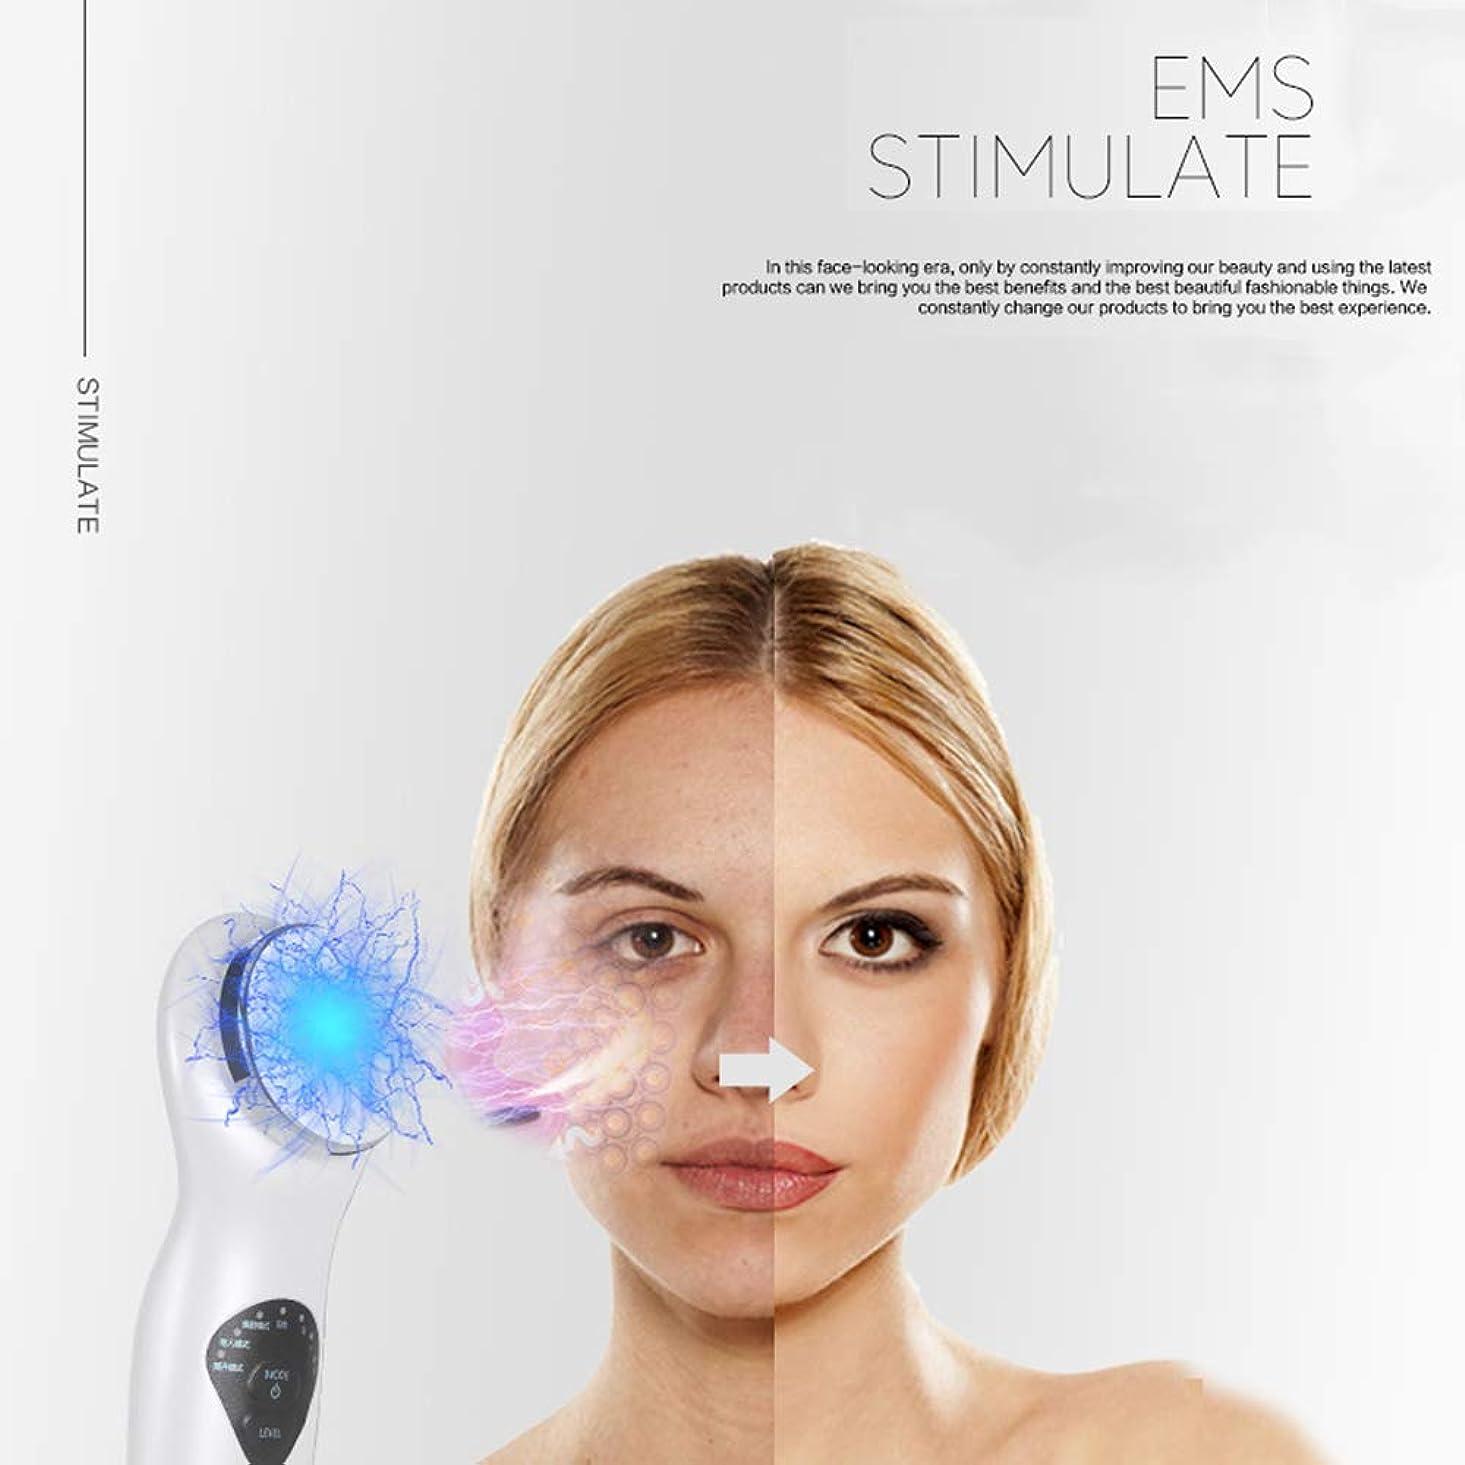 リマ映画ハンディ超音波美容機器、EMSフェイシャルトーニングデバイス、マイクロカレントフェイシャルトーニングデバイス、フェイスリフトマシンスキンファーミングデバイス